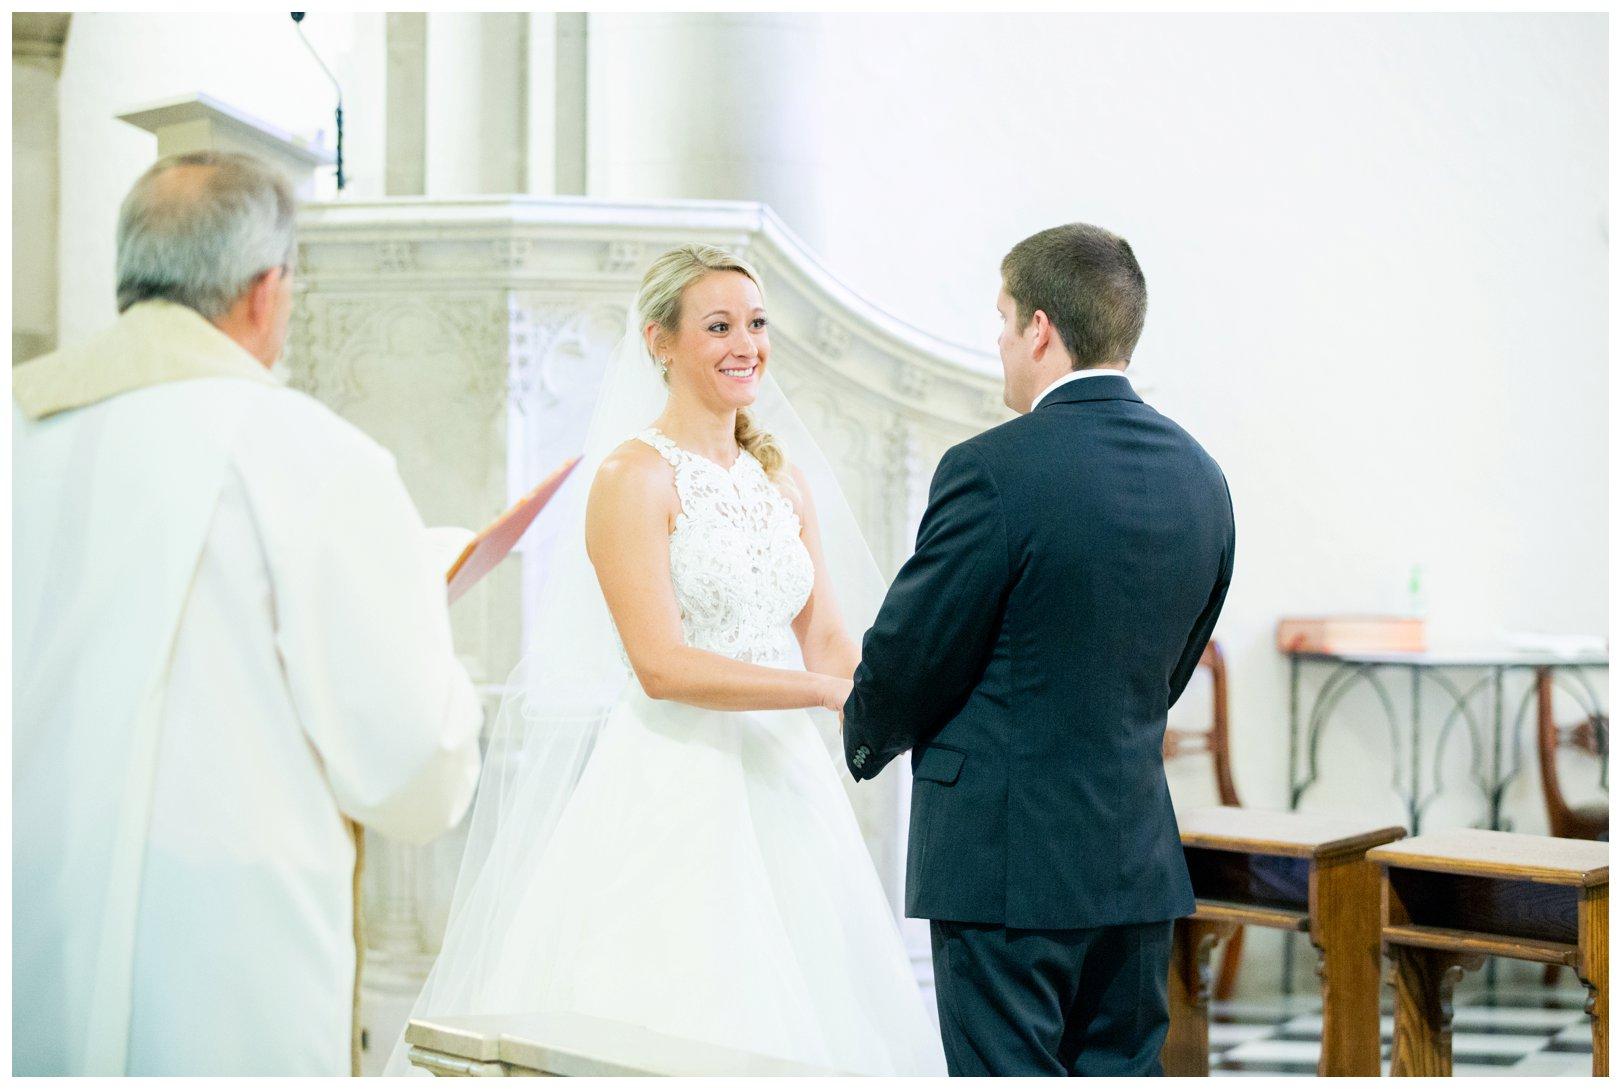 lauren muckler photography_fine art film wedding photography_st louis_photography_2422.jpg